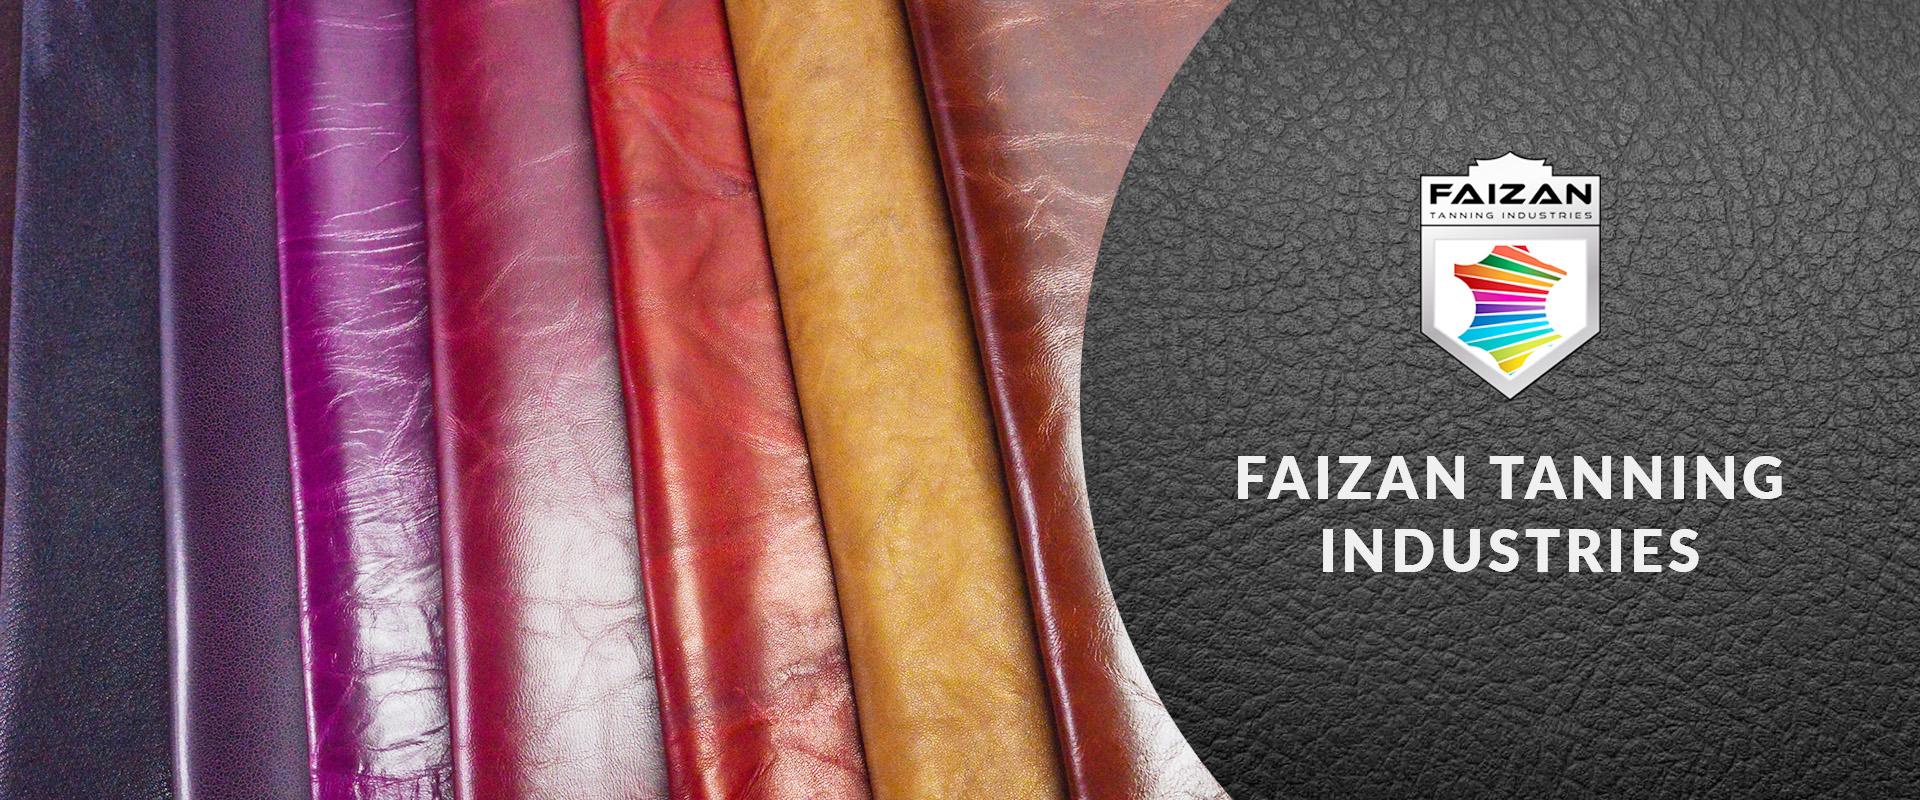 faizan-slide-3-2